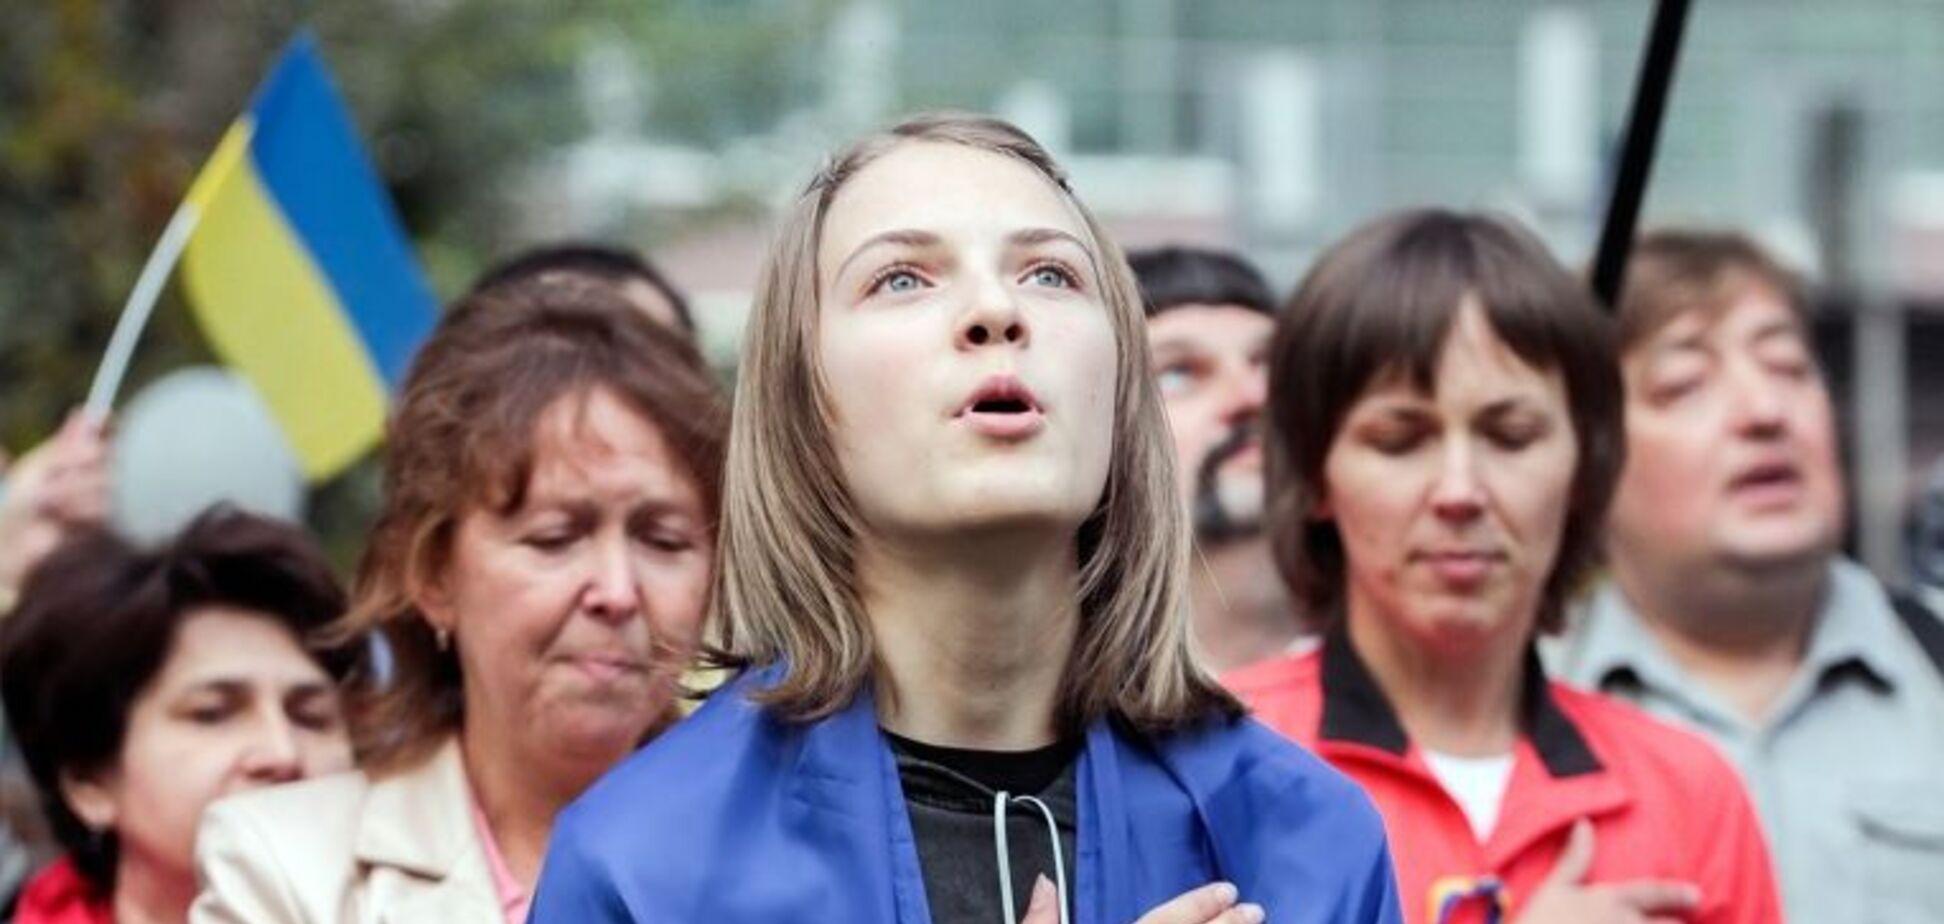 День Державного гімну: як був створений потужний символ незалежності України